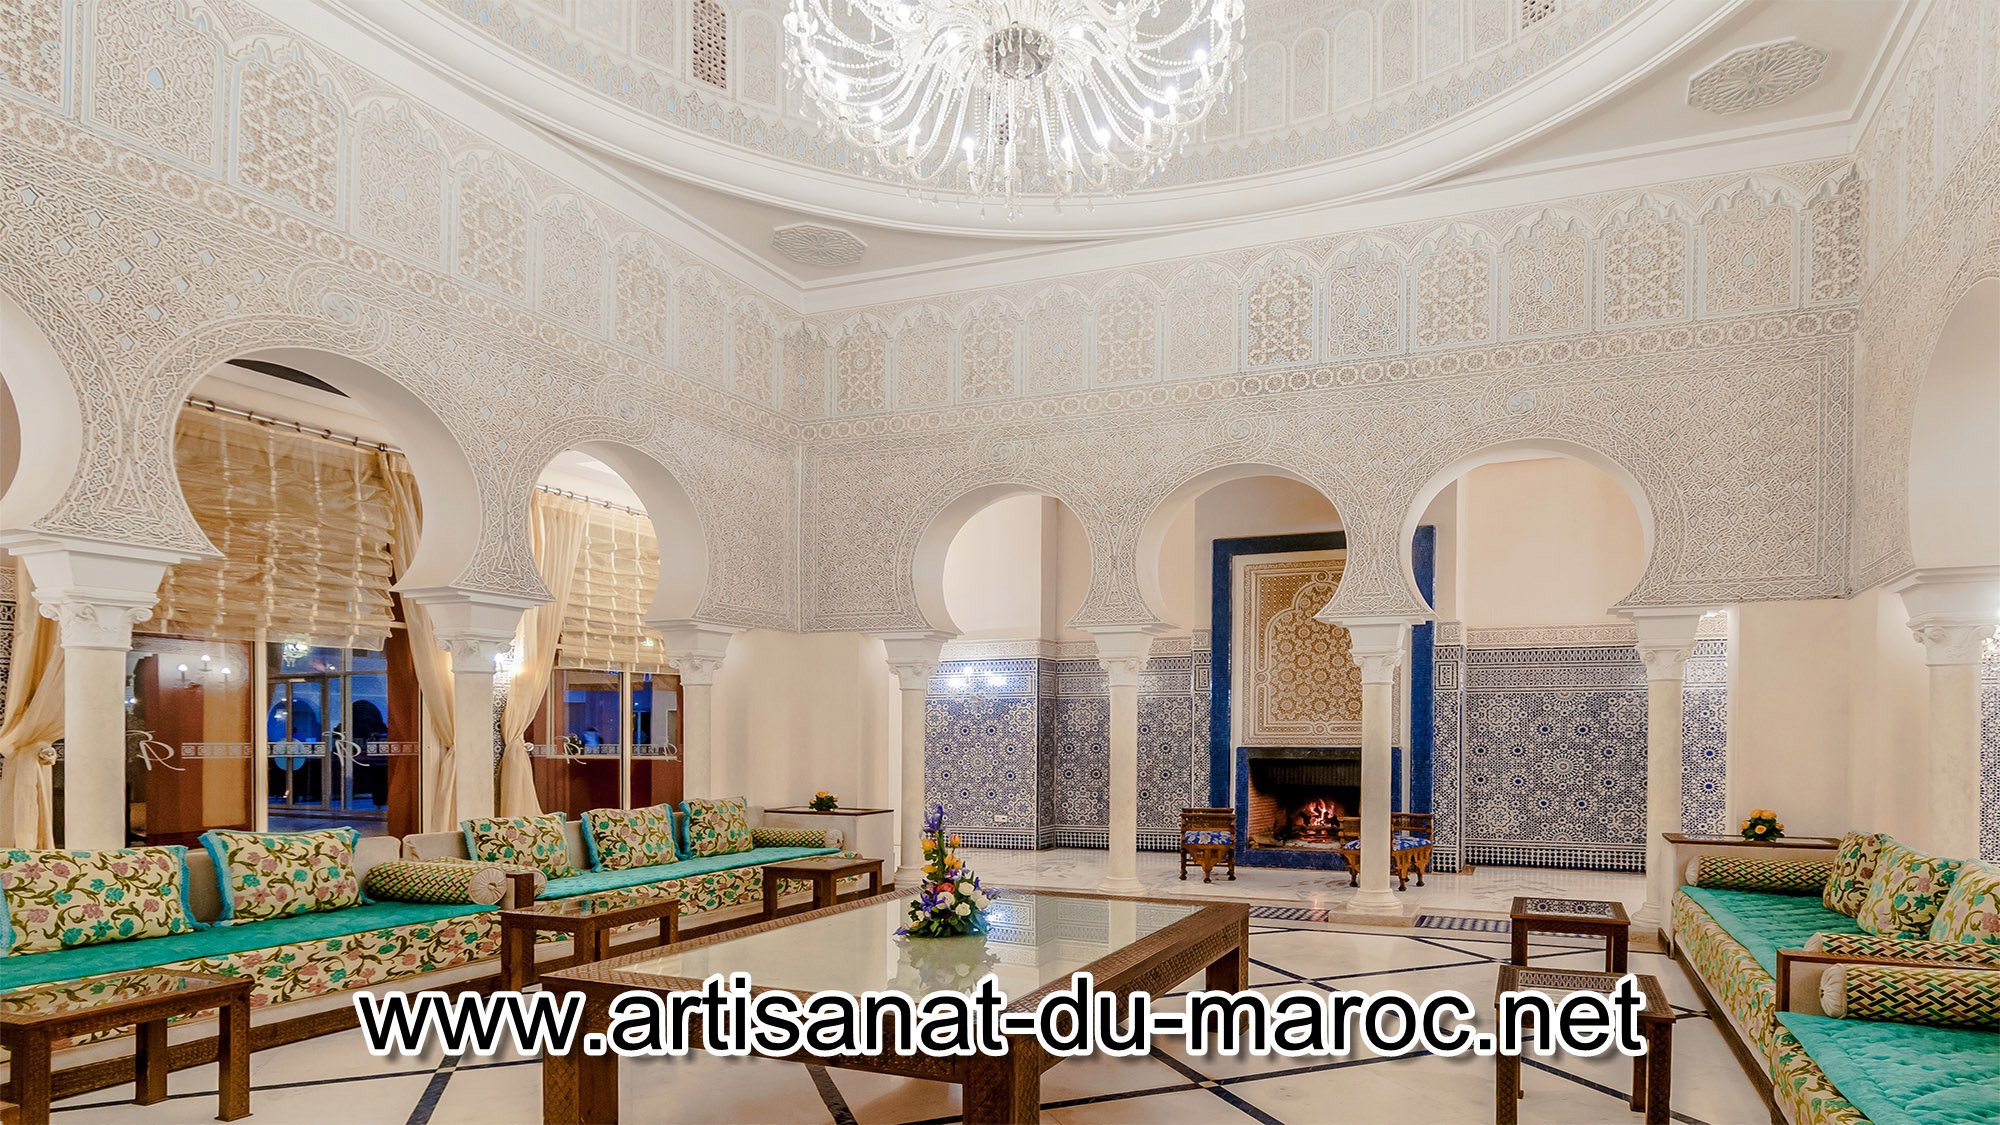 Décoration marocaine des salons Marrakech